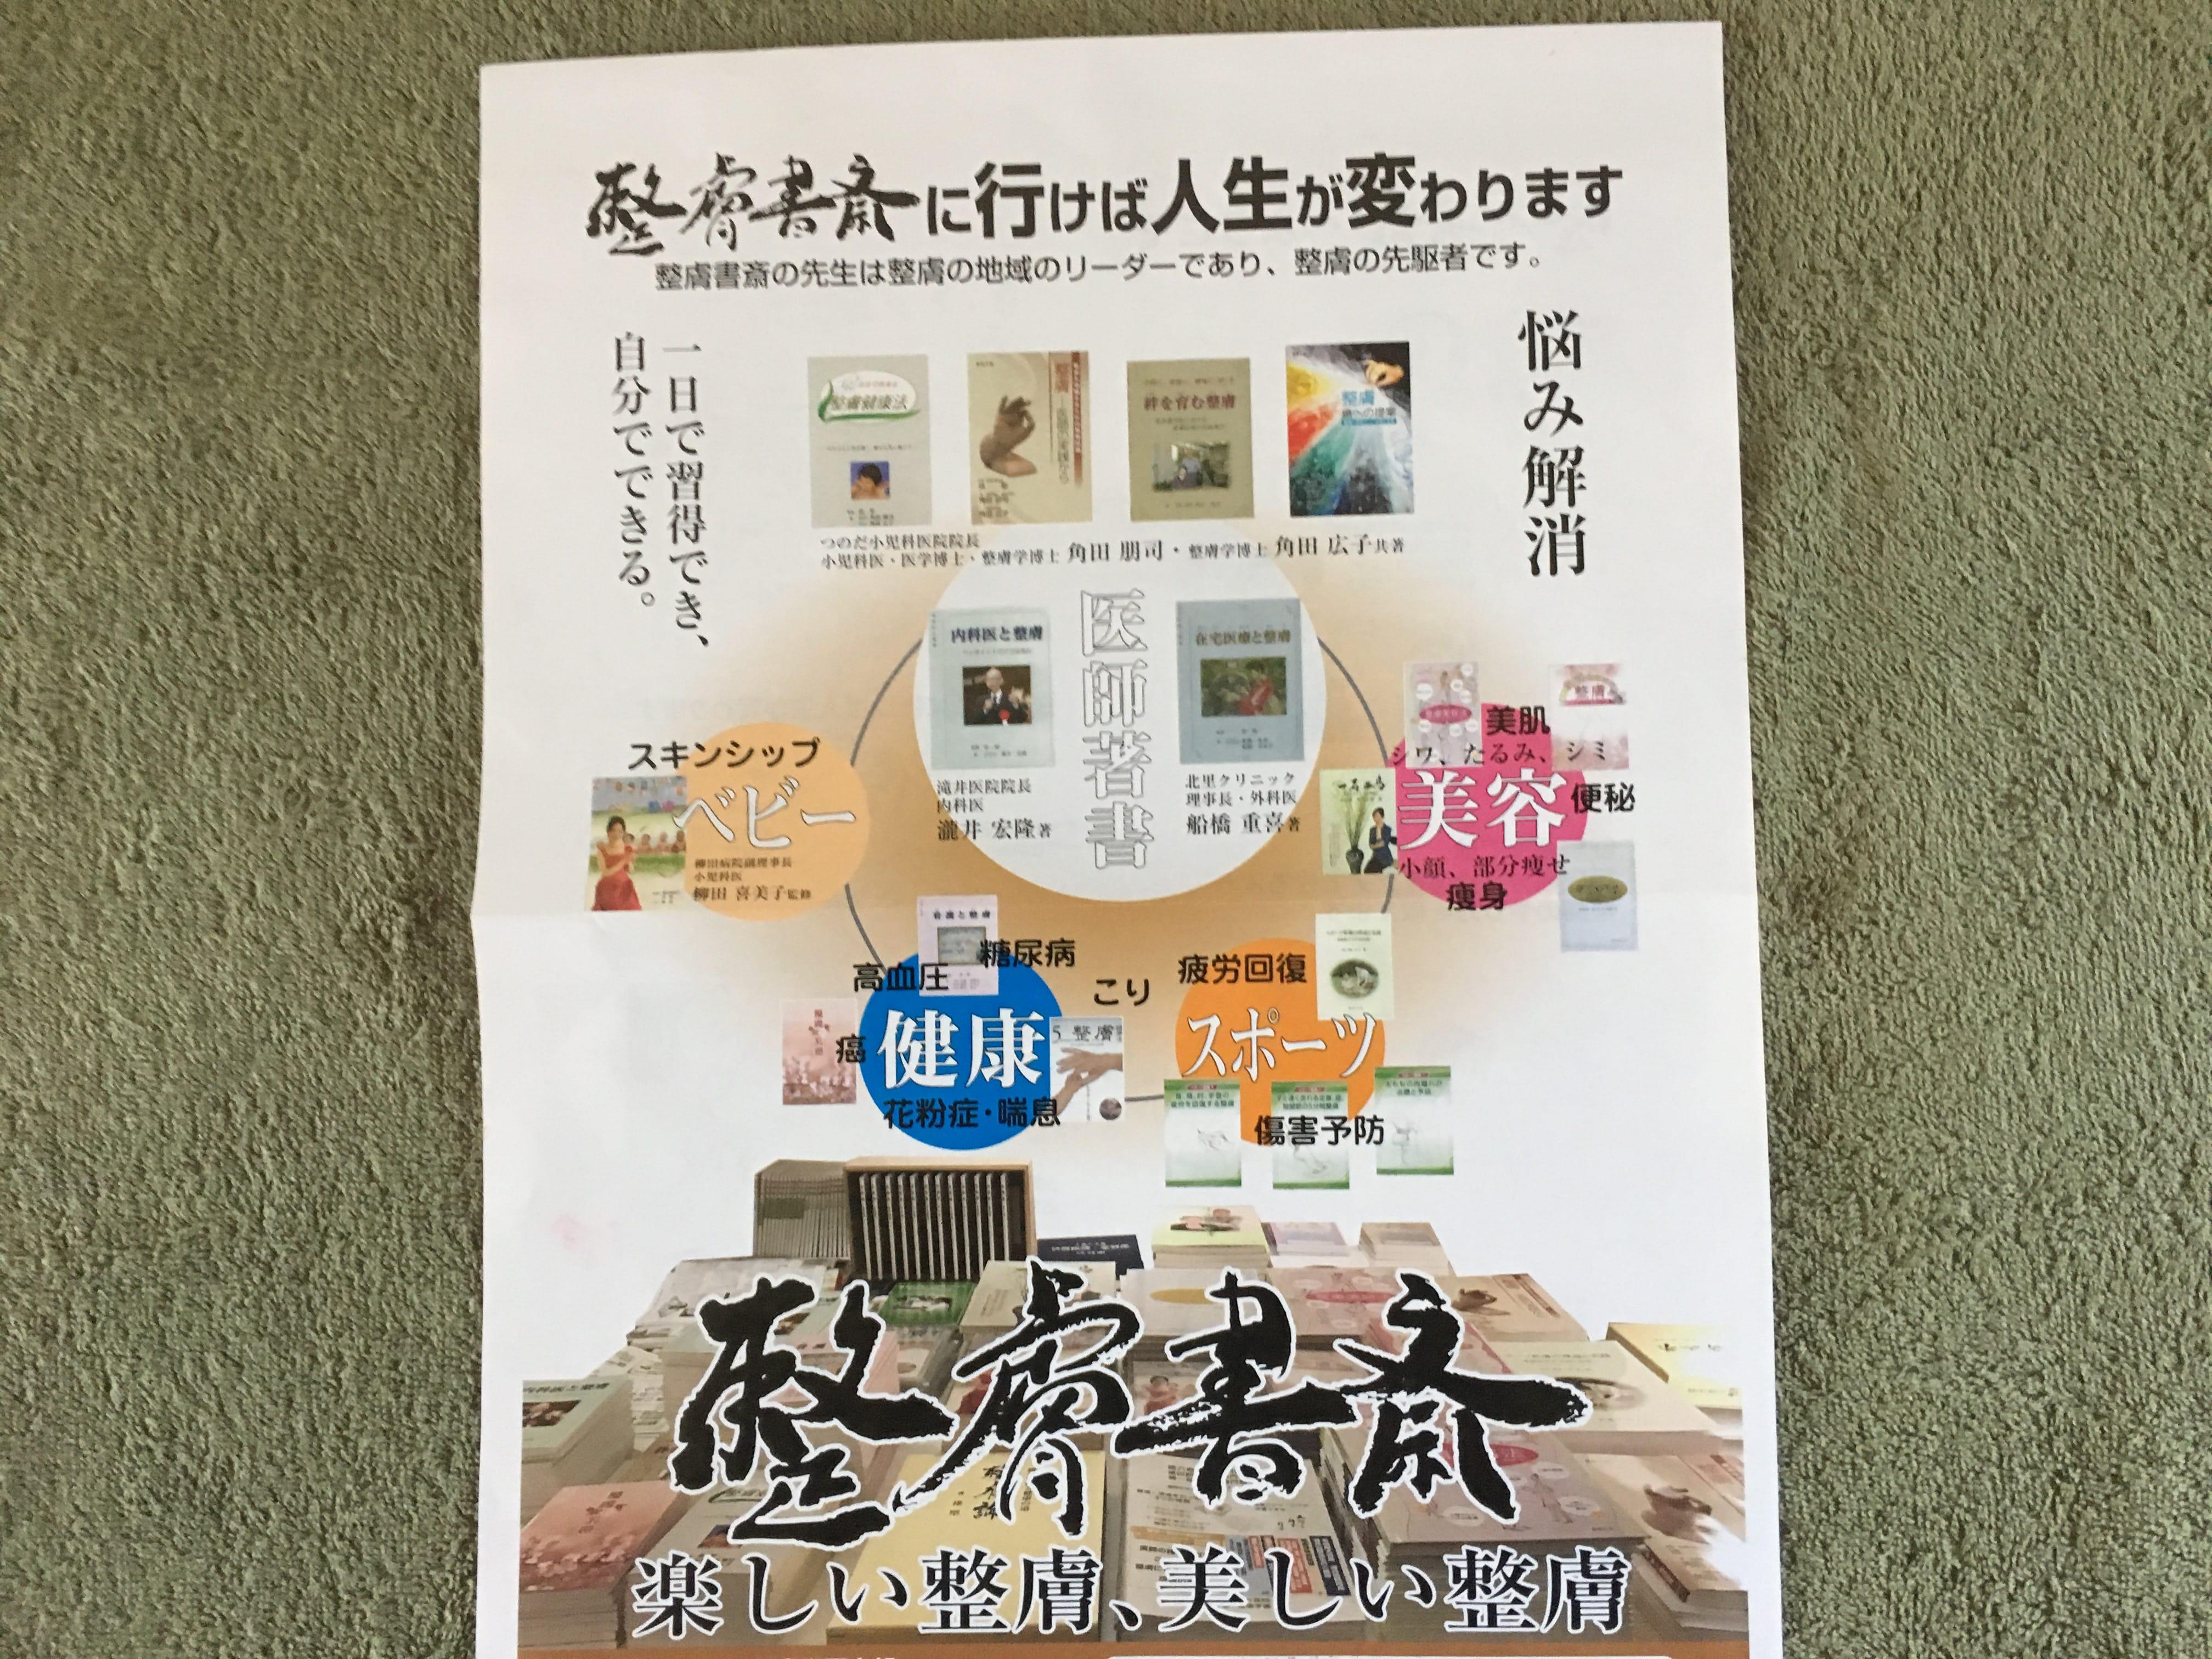 福島市のリラクゼーション・整体・整膚のお店 ~ヘルスケアルームあど・りぶ~